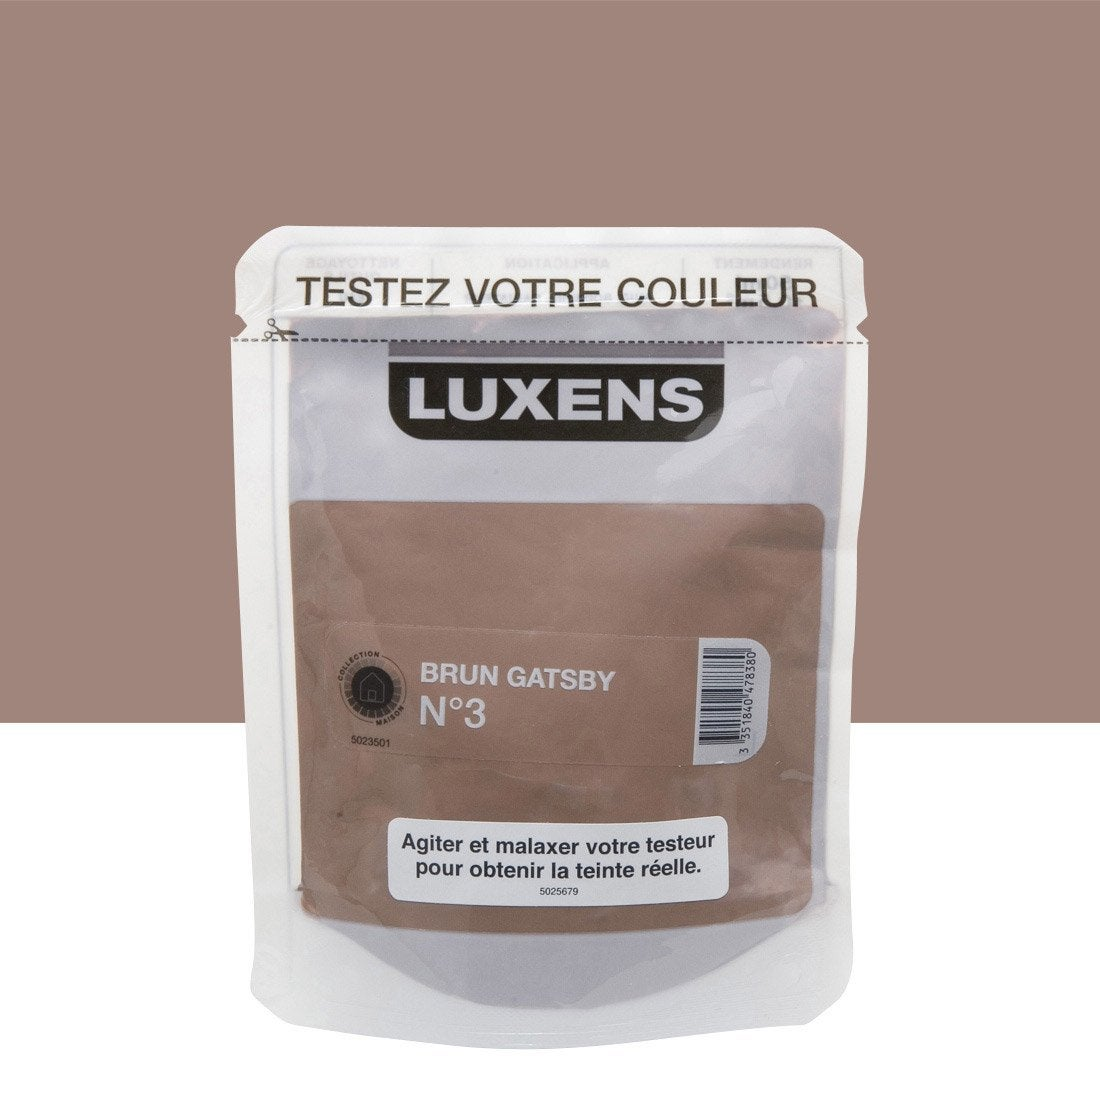 Testeur peinture brun gatsby 3 luxens couleurs int rieures satin l ler - Couleur leroy merlin ...